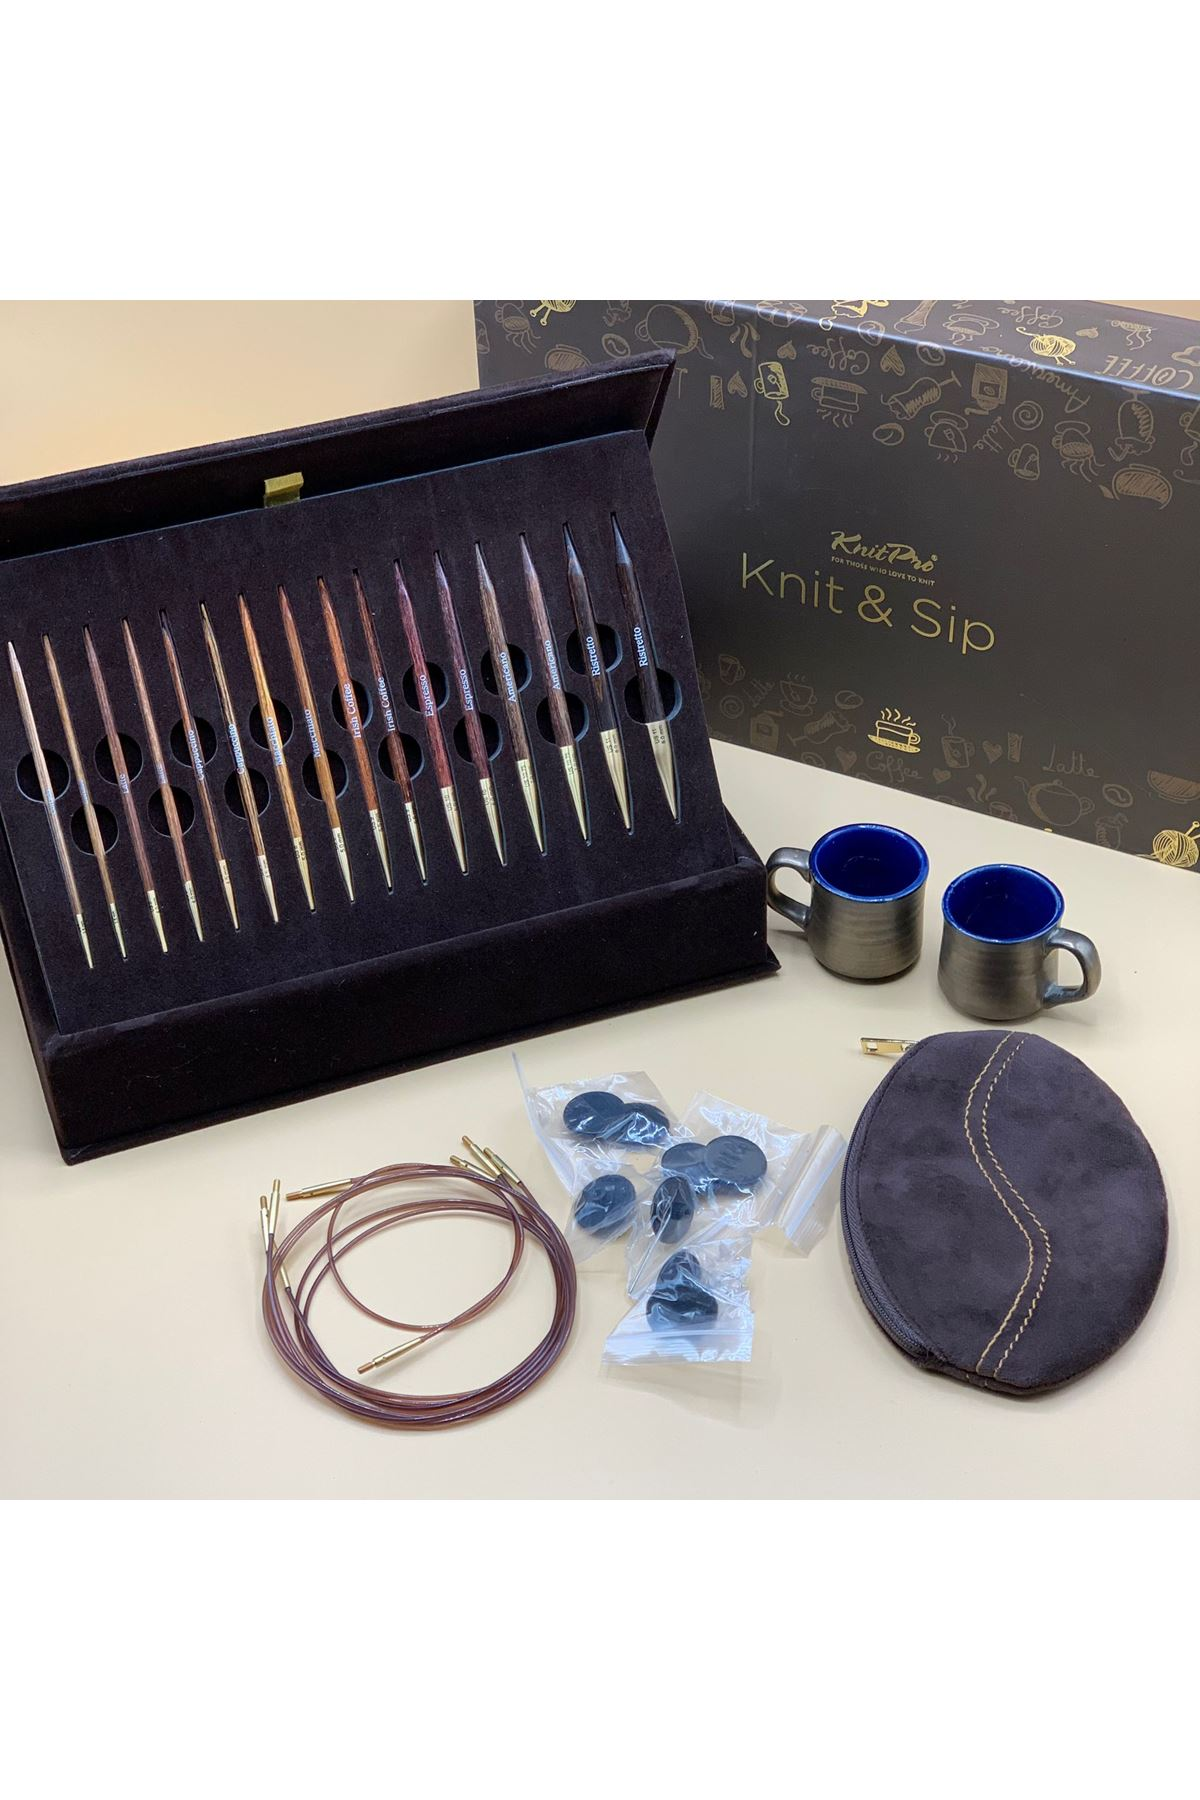 Knit Pro Knit and Sip Değiştirilebilir Misinalı Örgü Şişi Seti